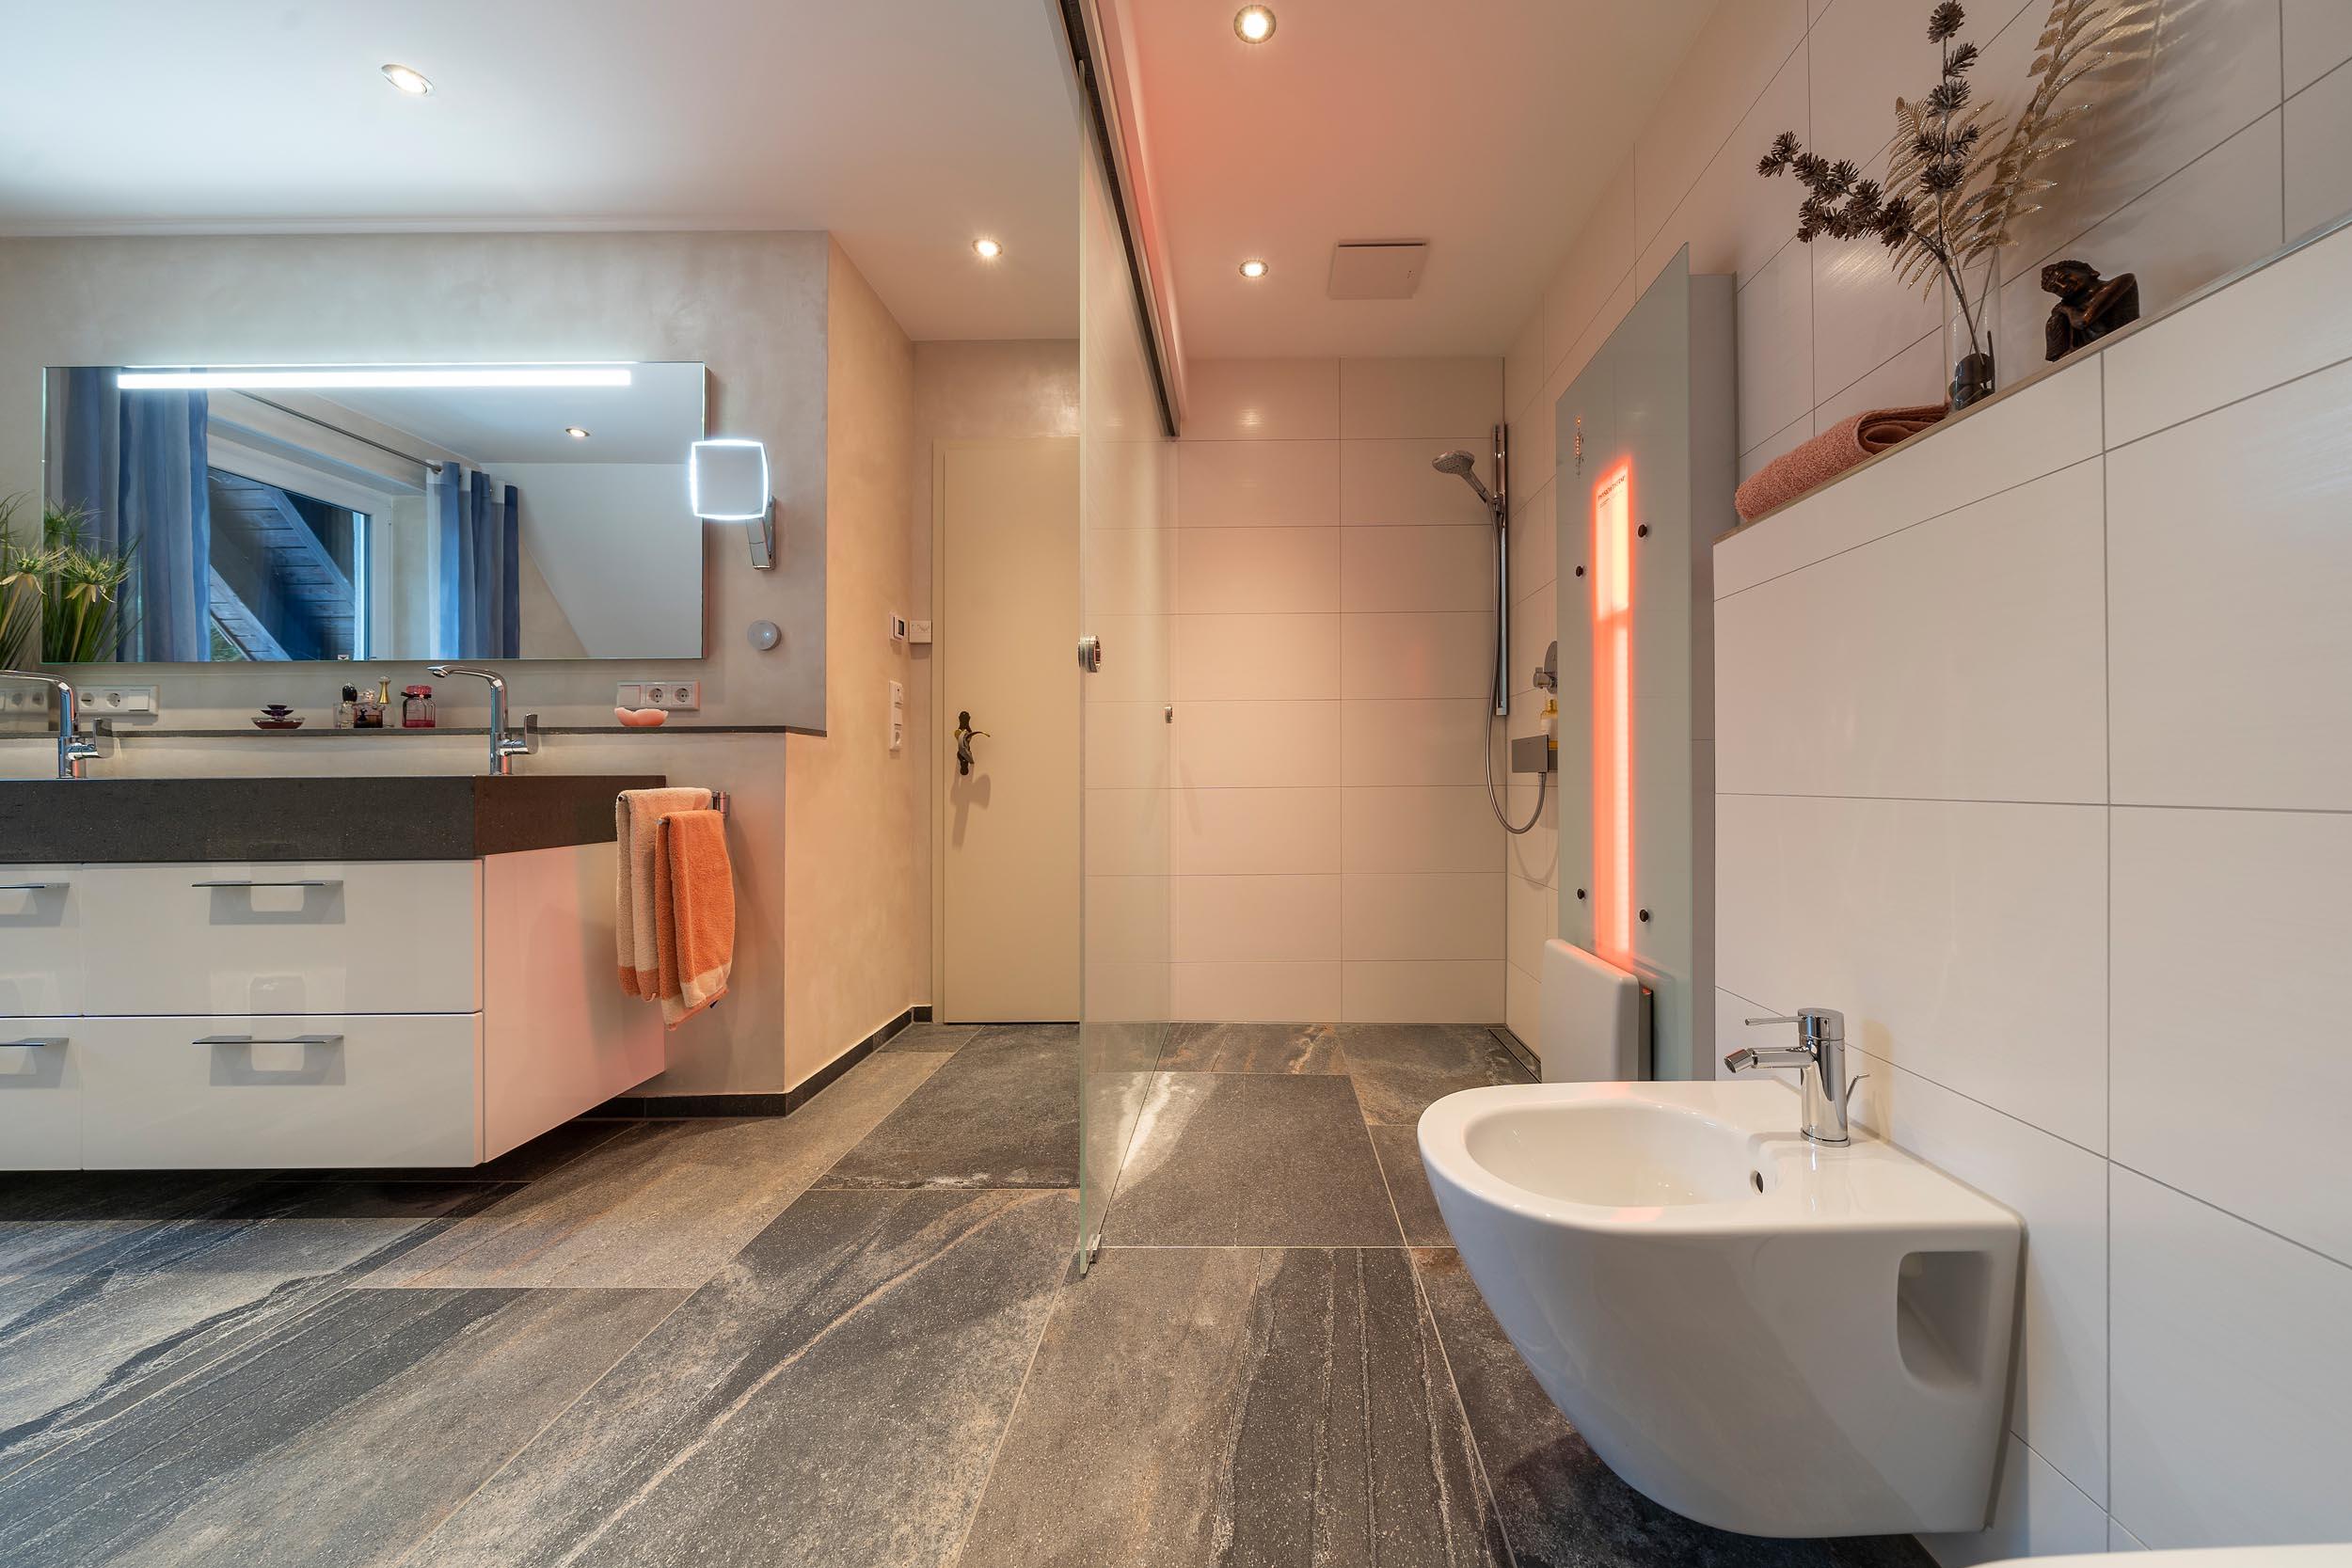 Badezimmer mit Infrarotwärme in der Dusche